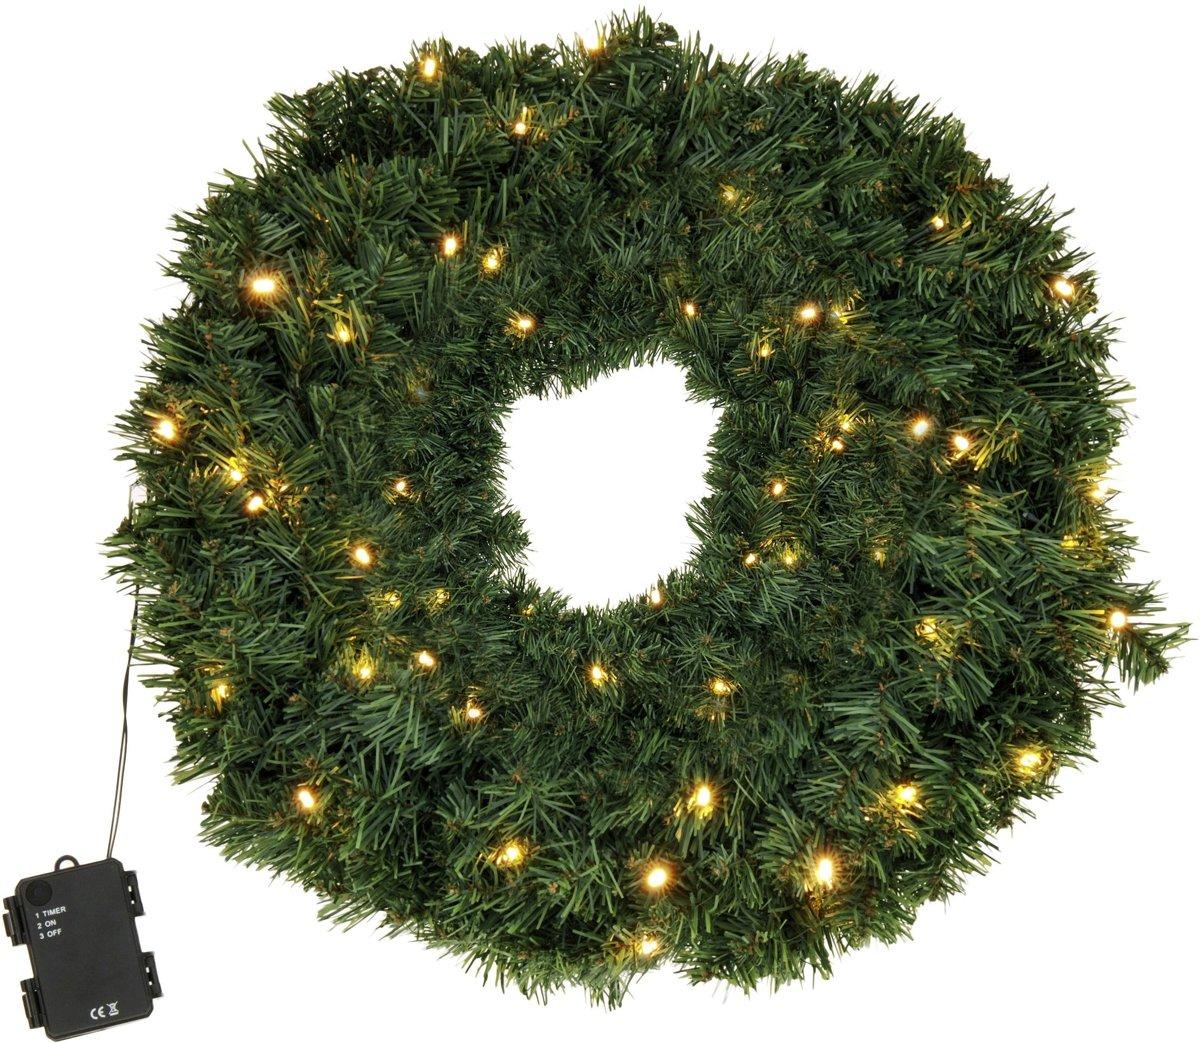 Kerstkrans met LED verlichting 60 cm kopen